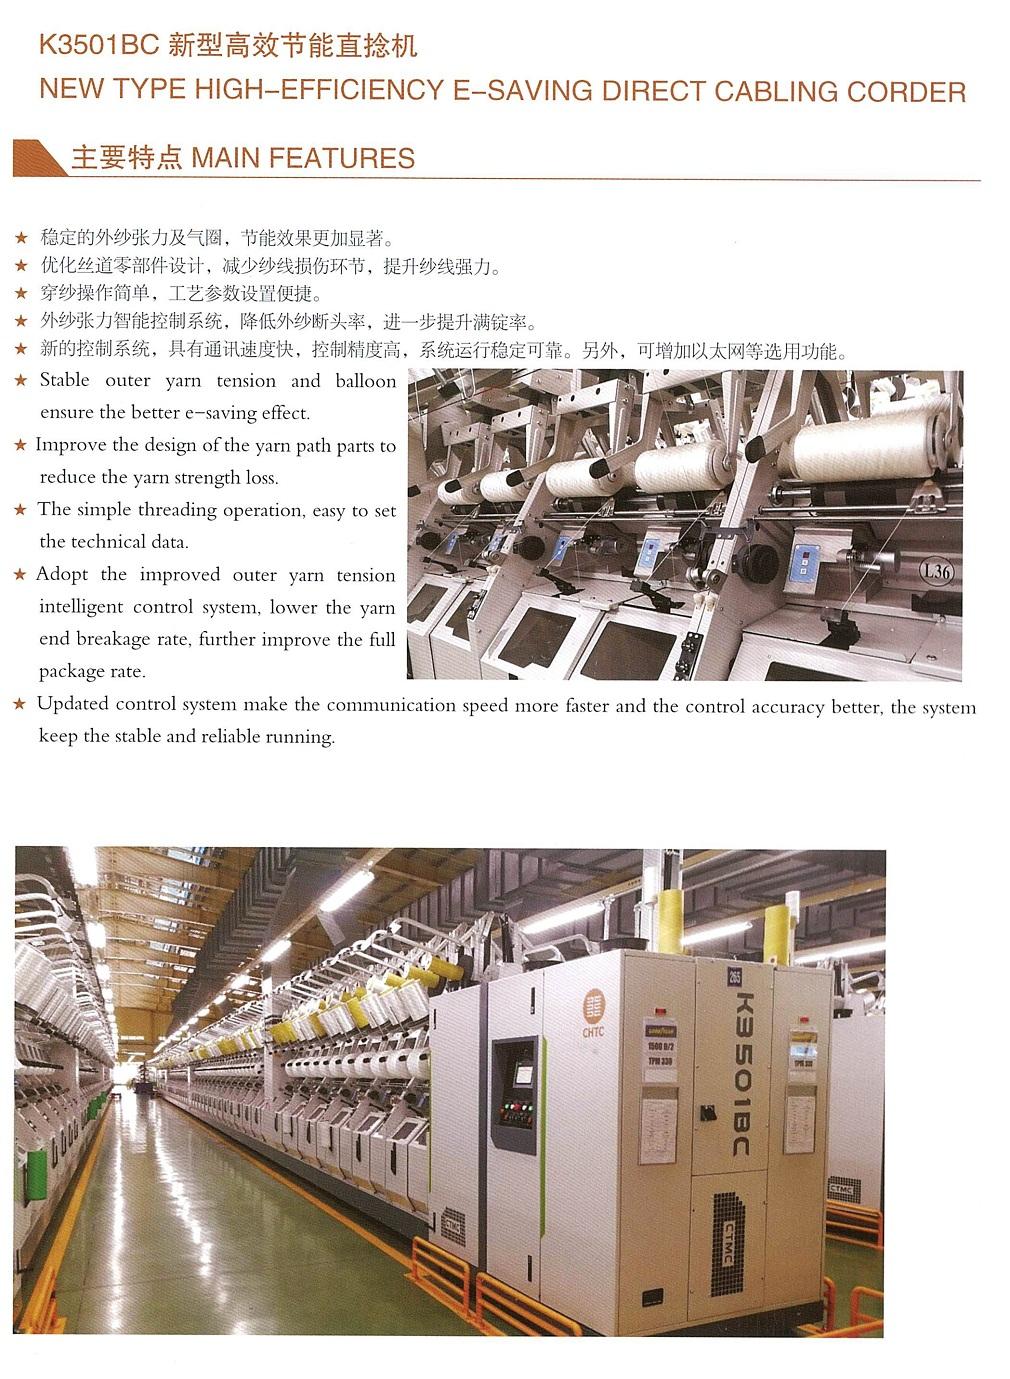 K3501E產品詳情四